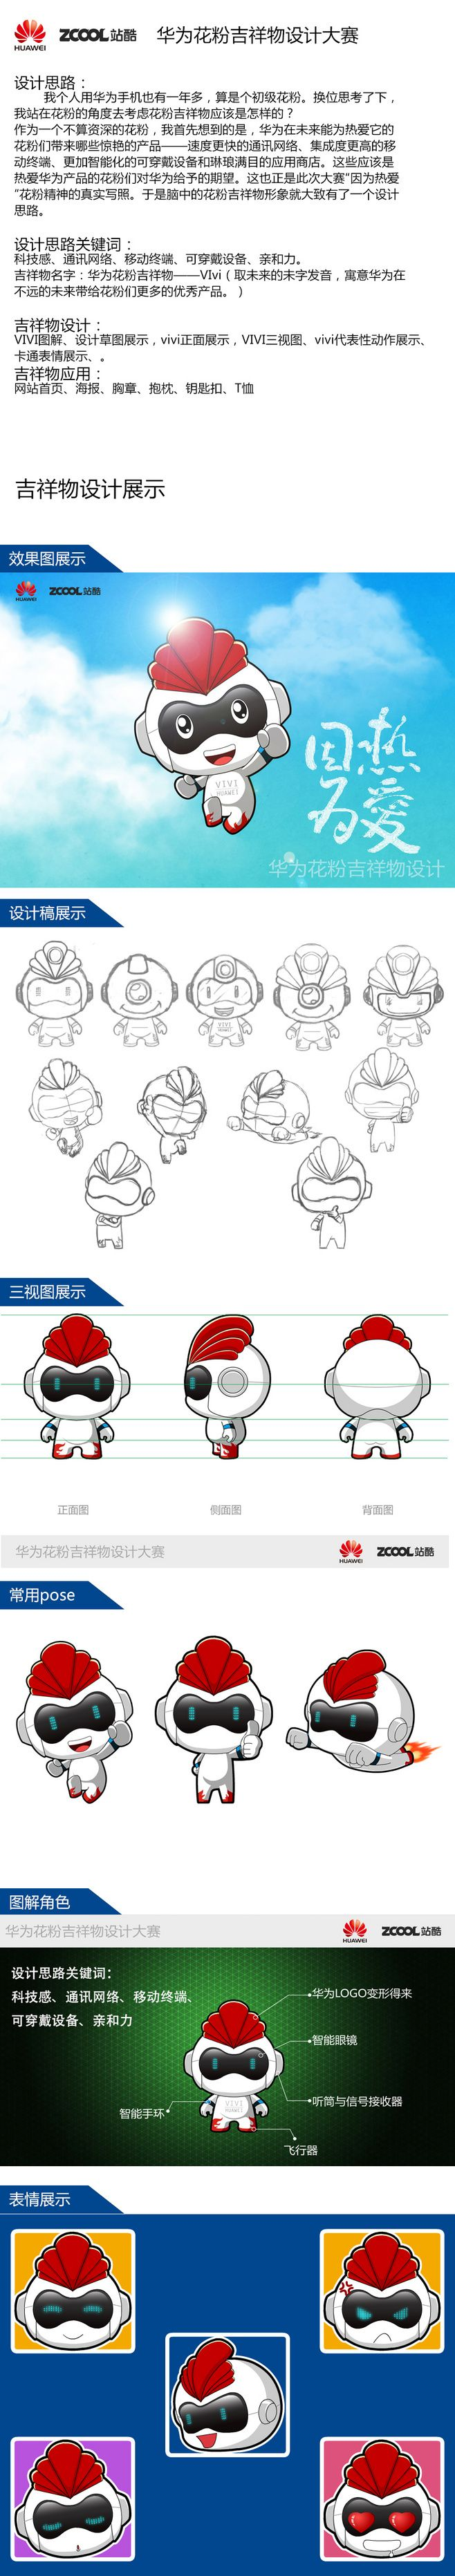 华为花粉吉祥物设计大赛——Vivi|VI...